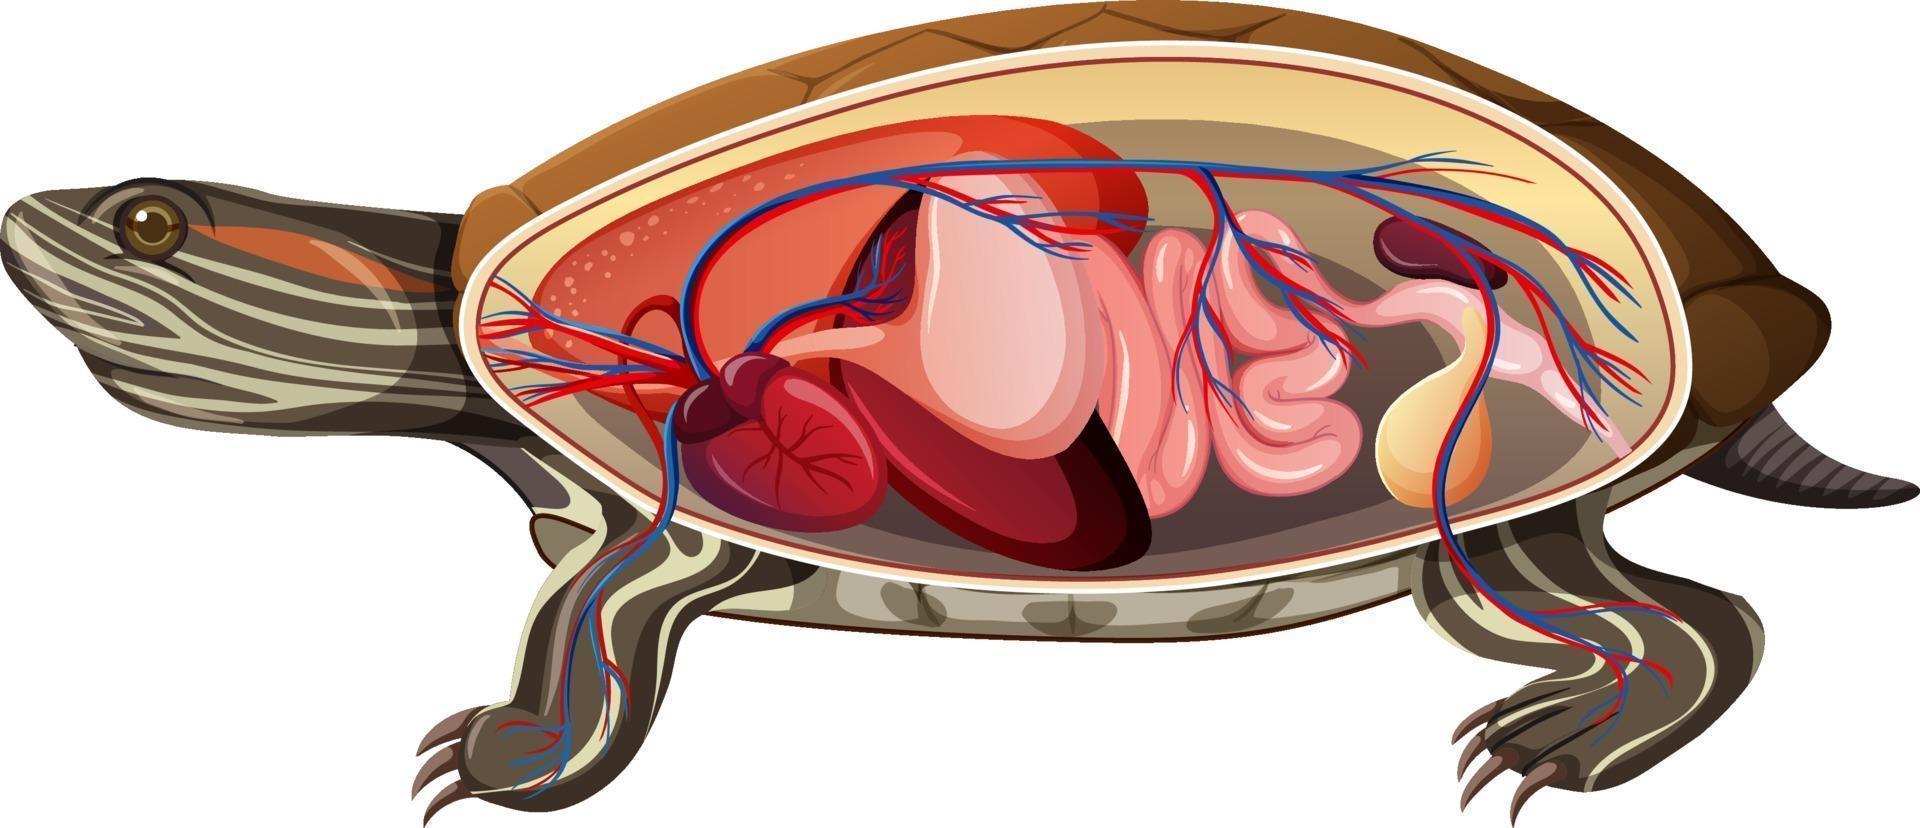 anatomia interna di una tartaruga isolata su sfondo bianco vettore